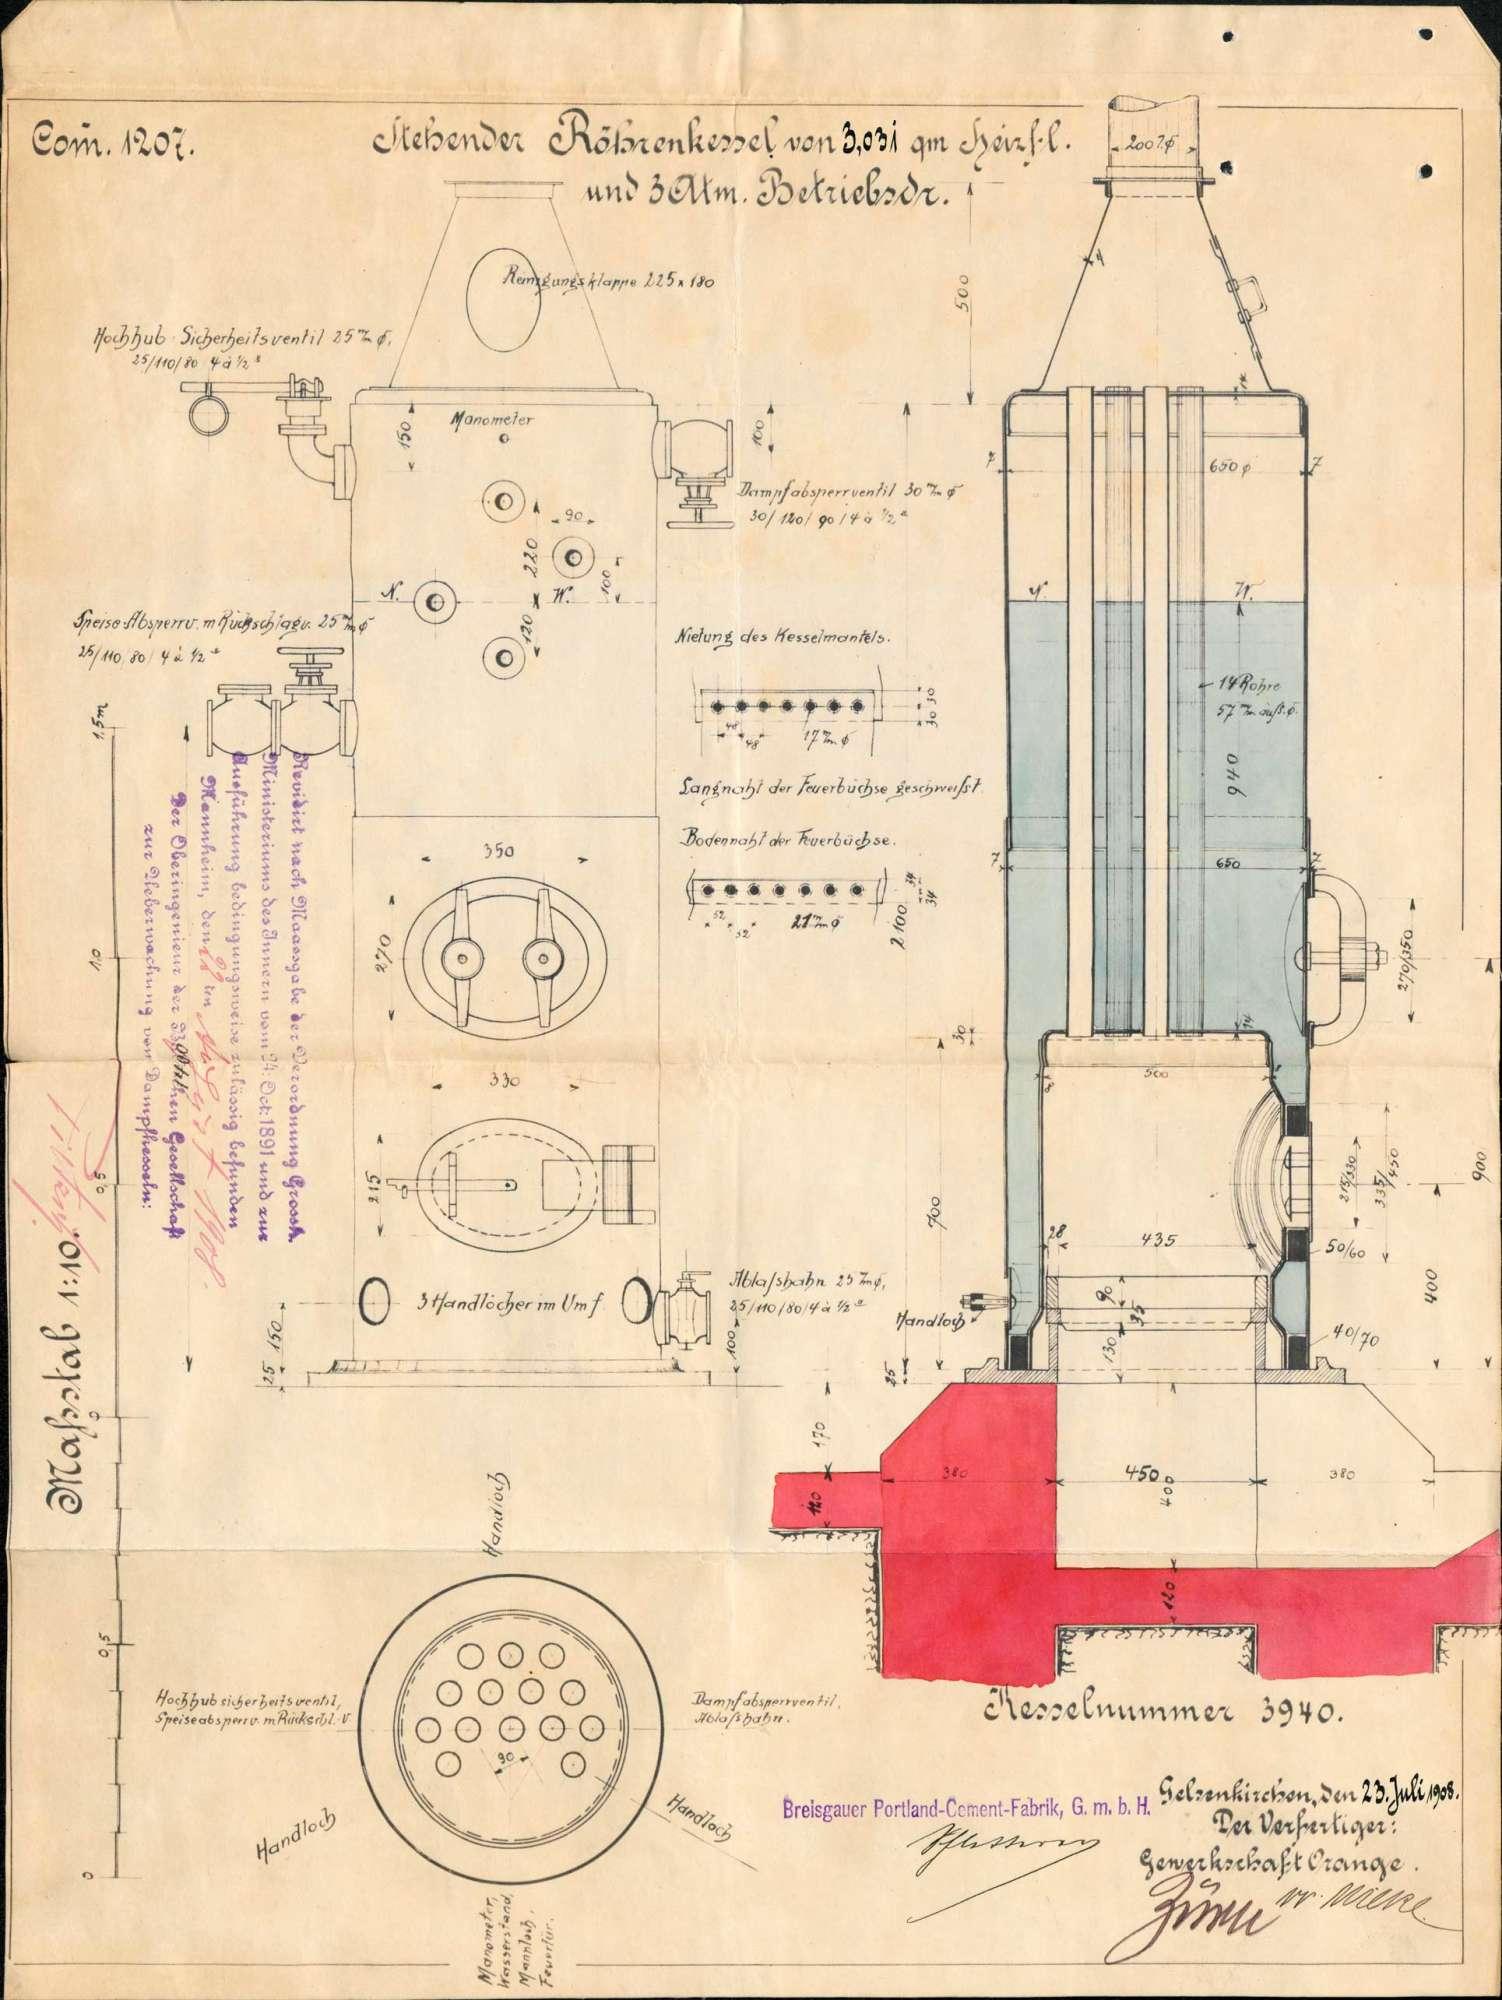 Gesuch der Fa. Breisgauer Portland-Zement-Fabrik GmbH in Kleinkems um Erlaubnis zur Anlegung eines Dampfkessels, Bild 3